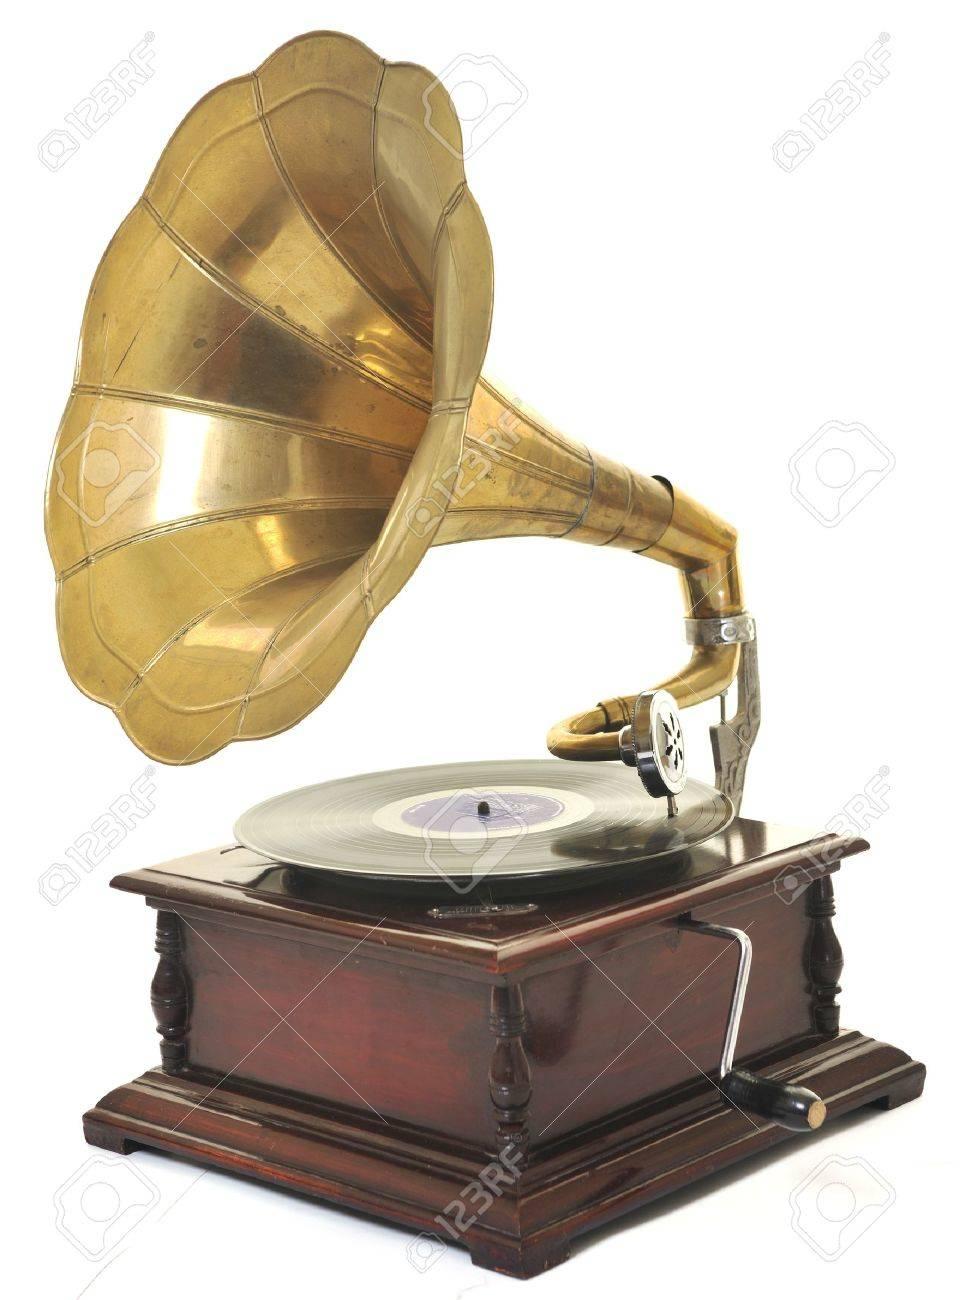 https://previews.123rf.com/images/dotshock/dotshock1006/dotshock100600437/7165430-retro-gramophone-ancien-avec-corne-de-haut-parleurs-pour-%C3%A9couter-de-la-musique-sur-plaques-isol%C3%A9es-sur-b.jpg